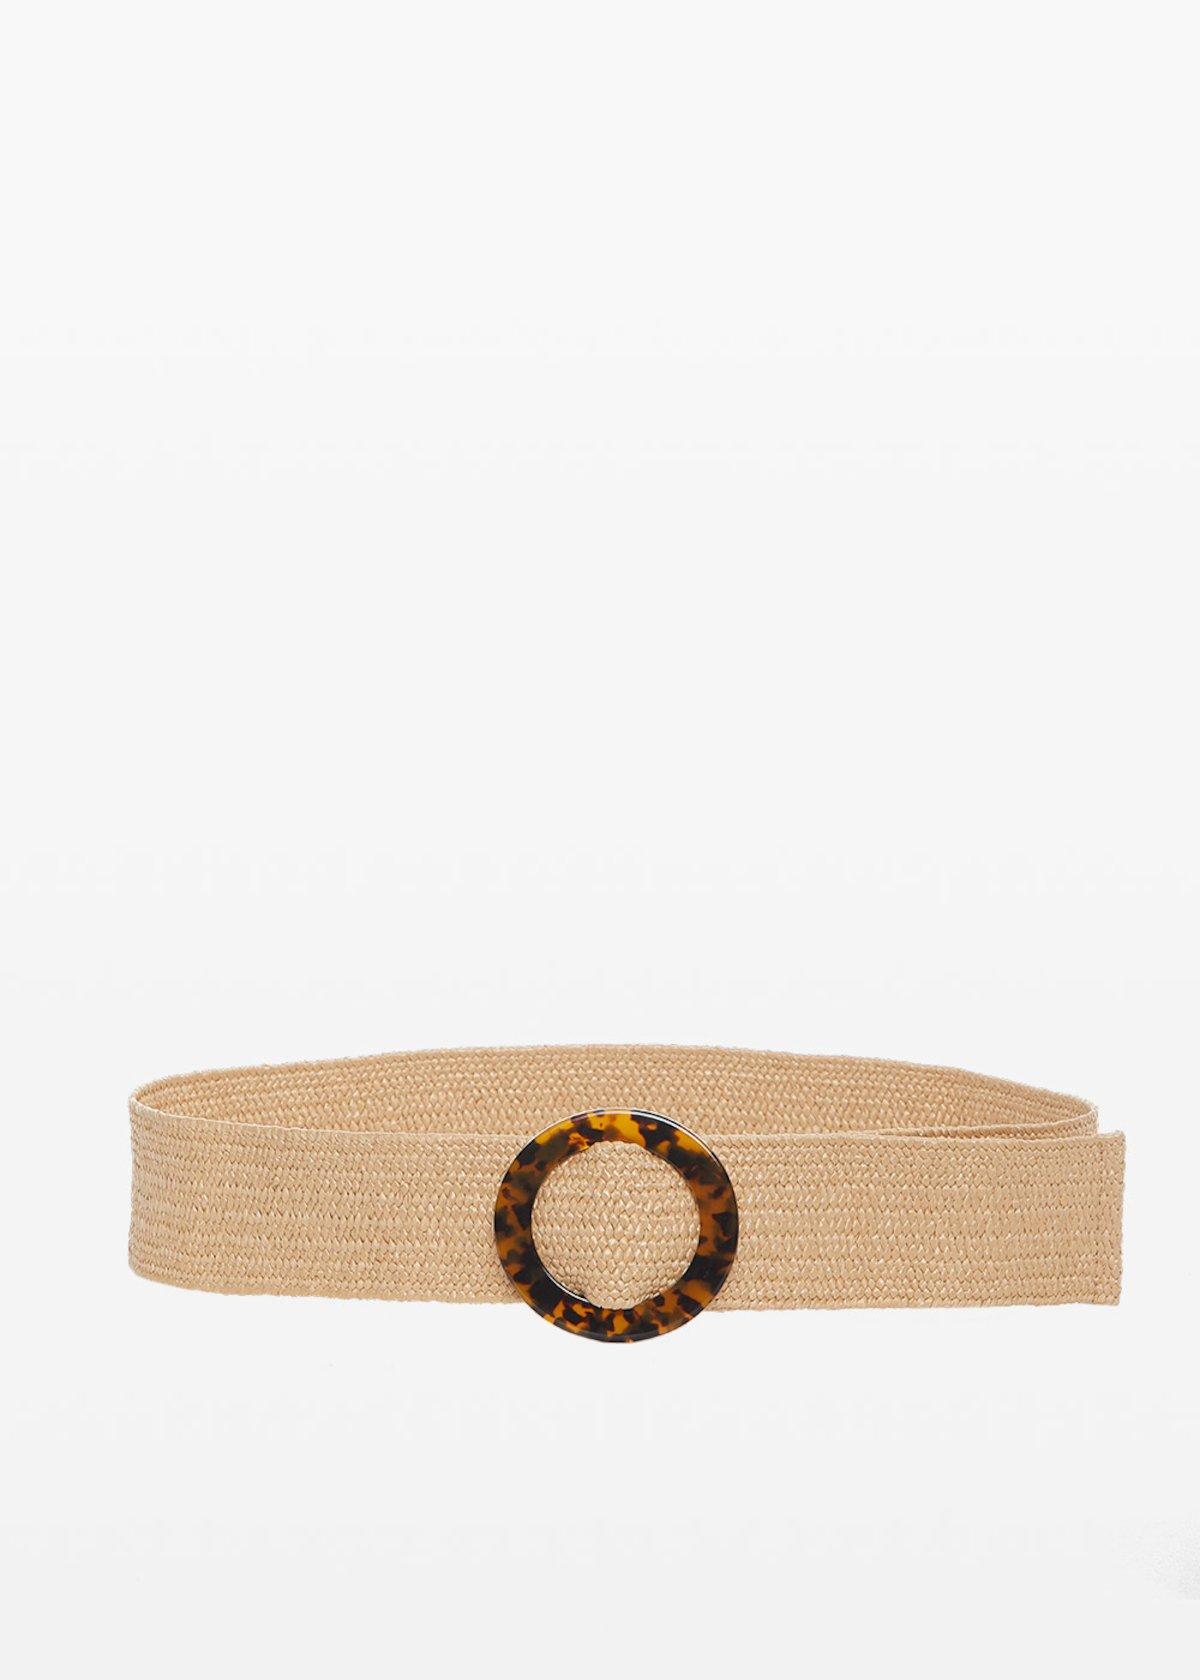 Cintura Cris con fibbia motivo tartaruga - Safari - Donna - Immagine categoria